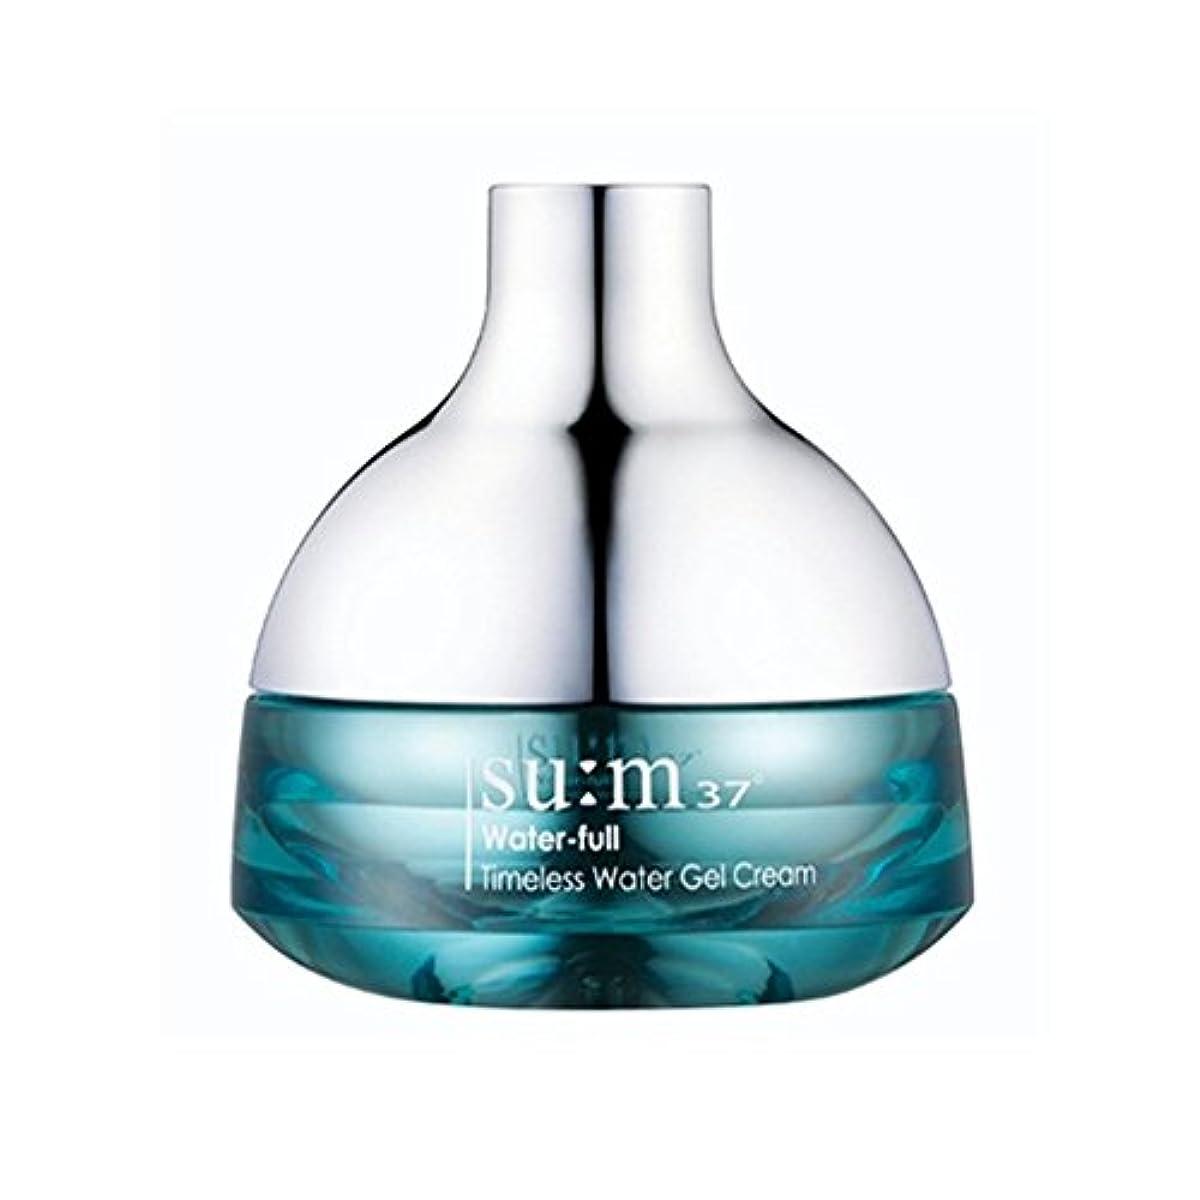 中級批判的に飼い慣らす[su:m37/スム37°] SUM37 Water-full Timeless Water Gel Cream 50ml/WF07 sum37 ウォータフル タイムレス ウォータージェルクリーム 50ml +[Sample...